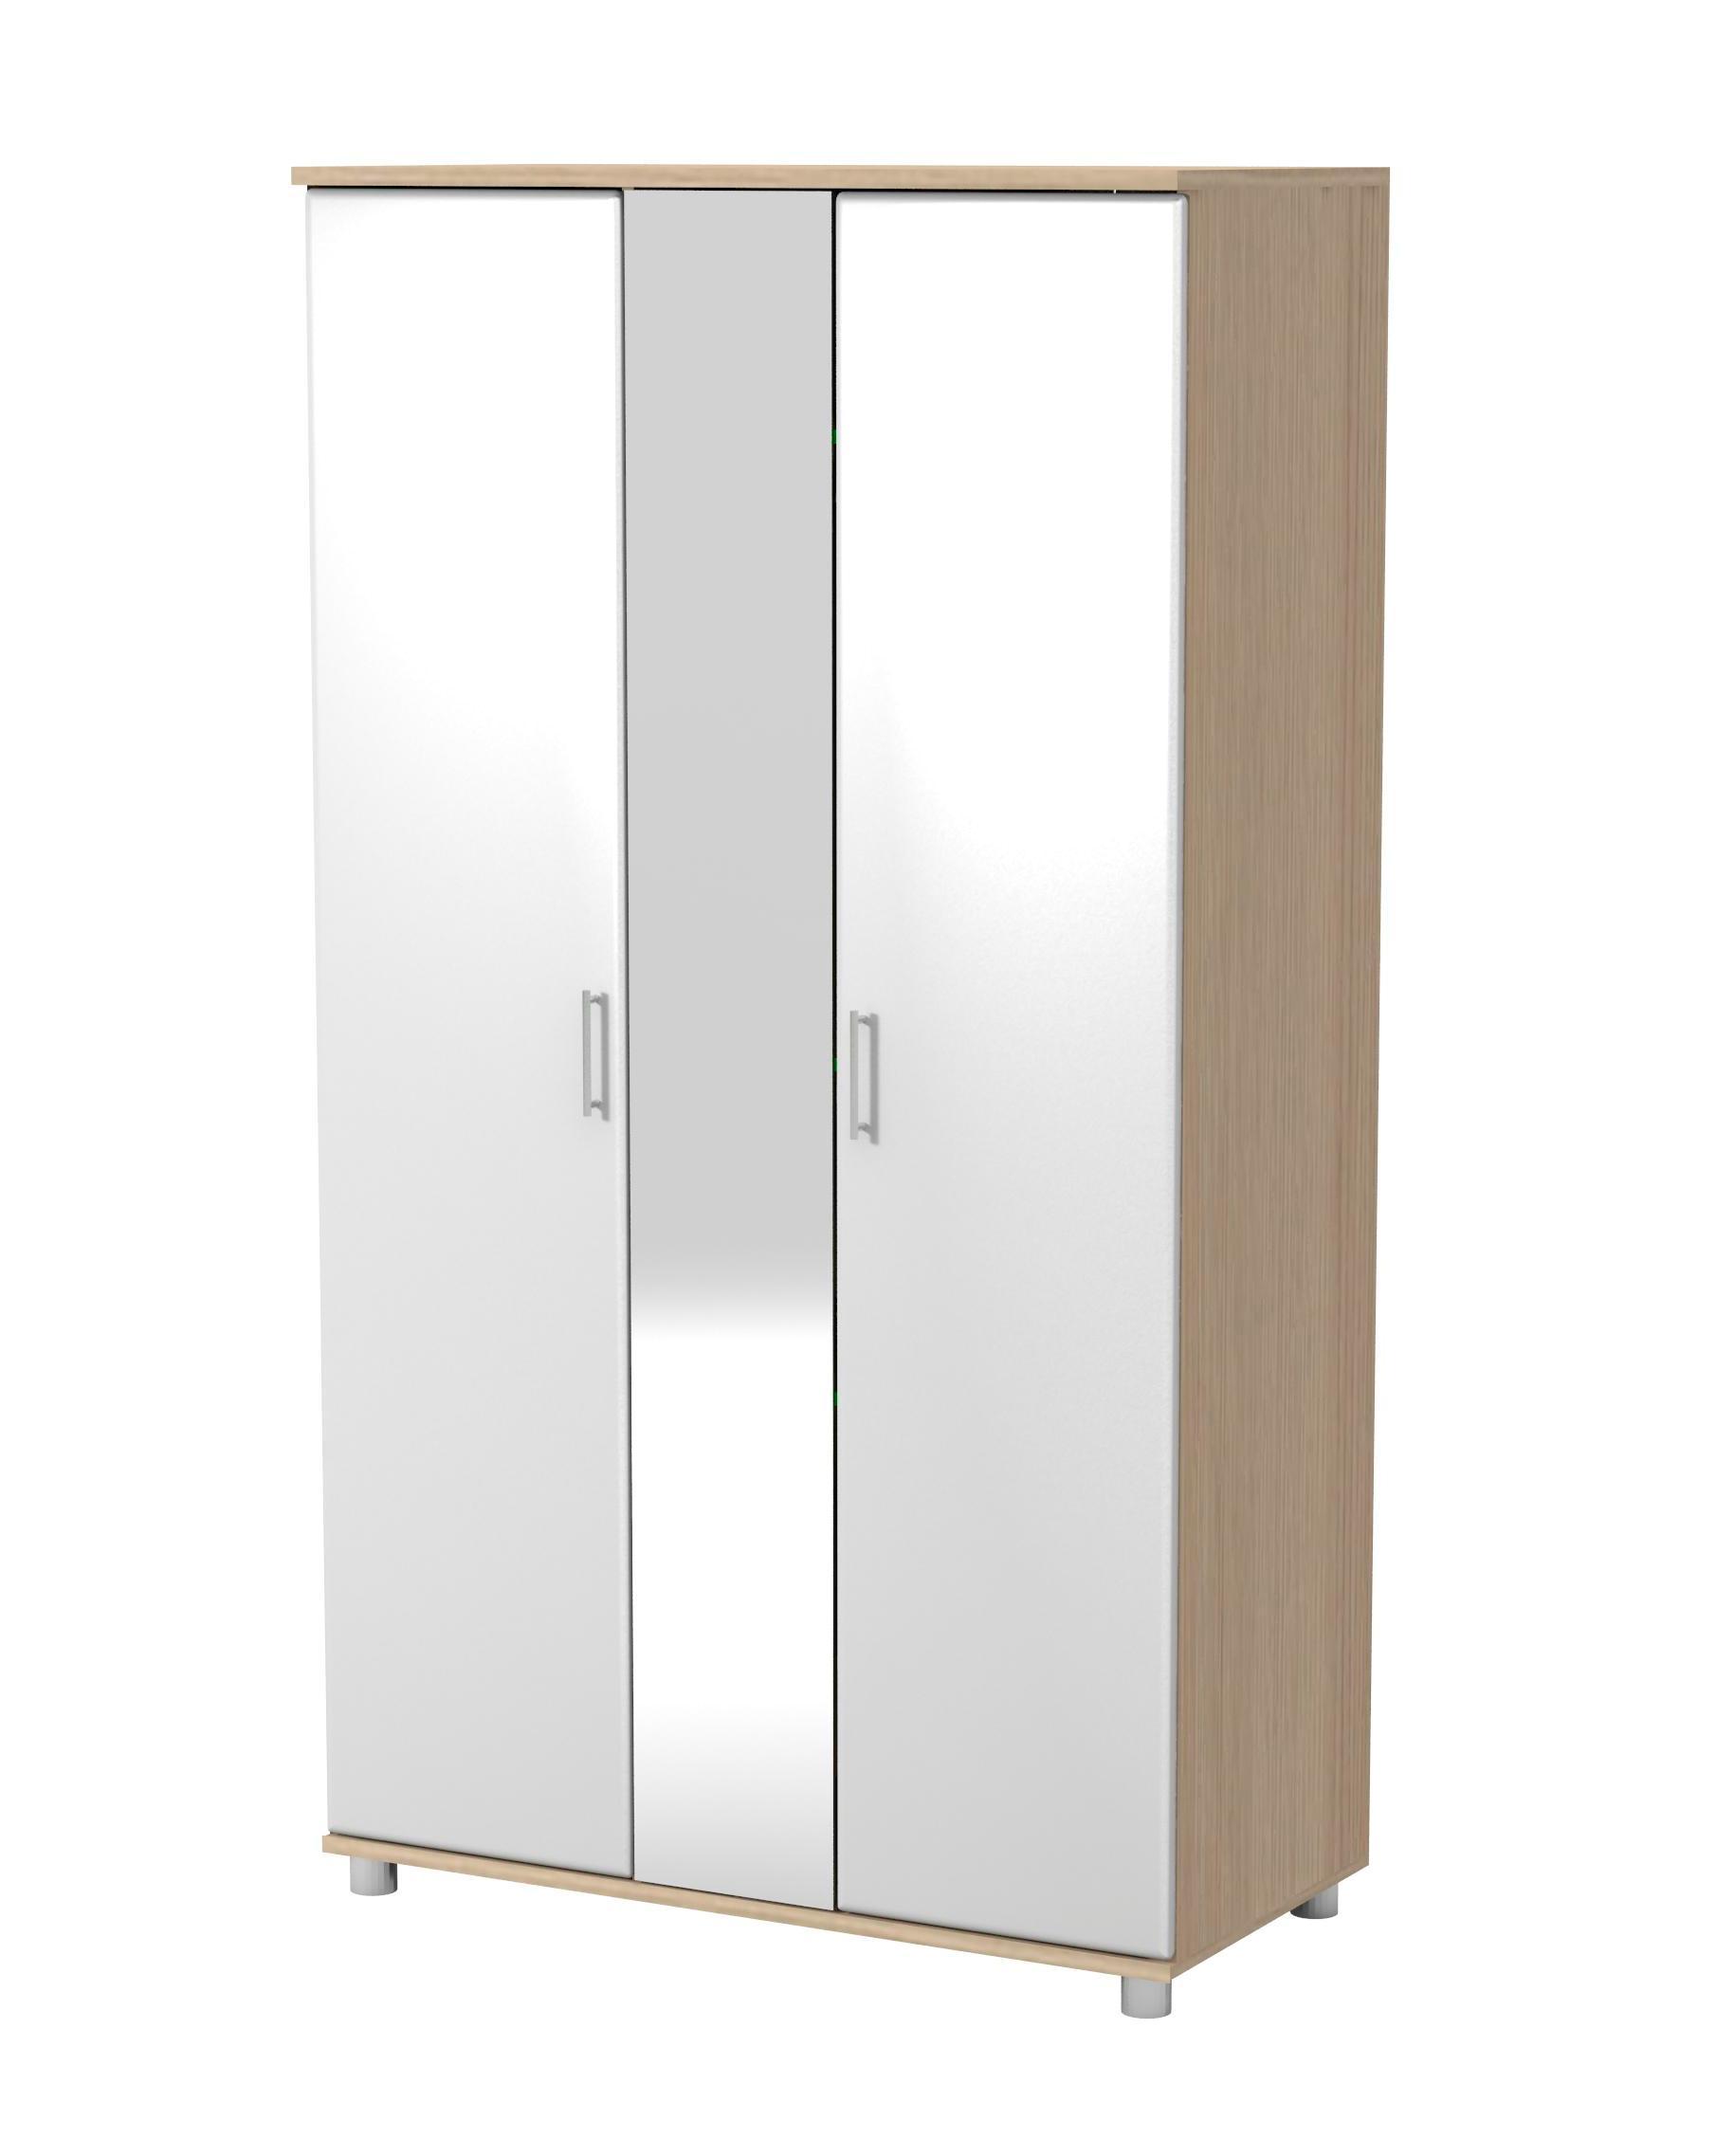 Шкаф для одежды и белья 1,2 сауны бани и оборудование valentini набор для сауны fantasy цвет синий